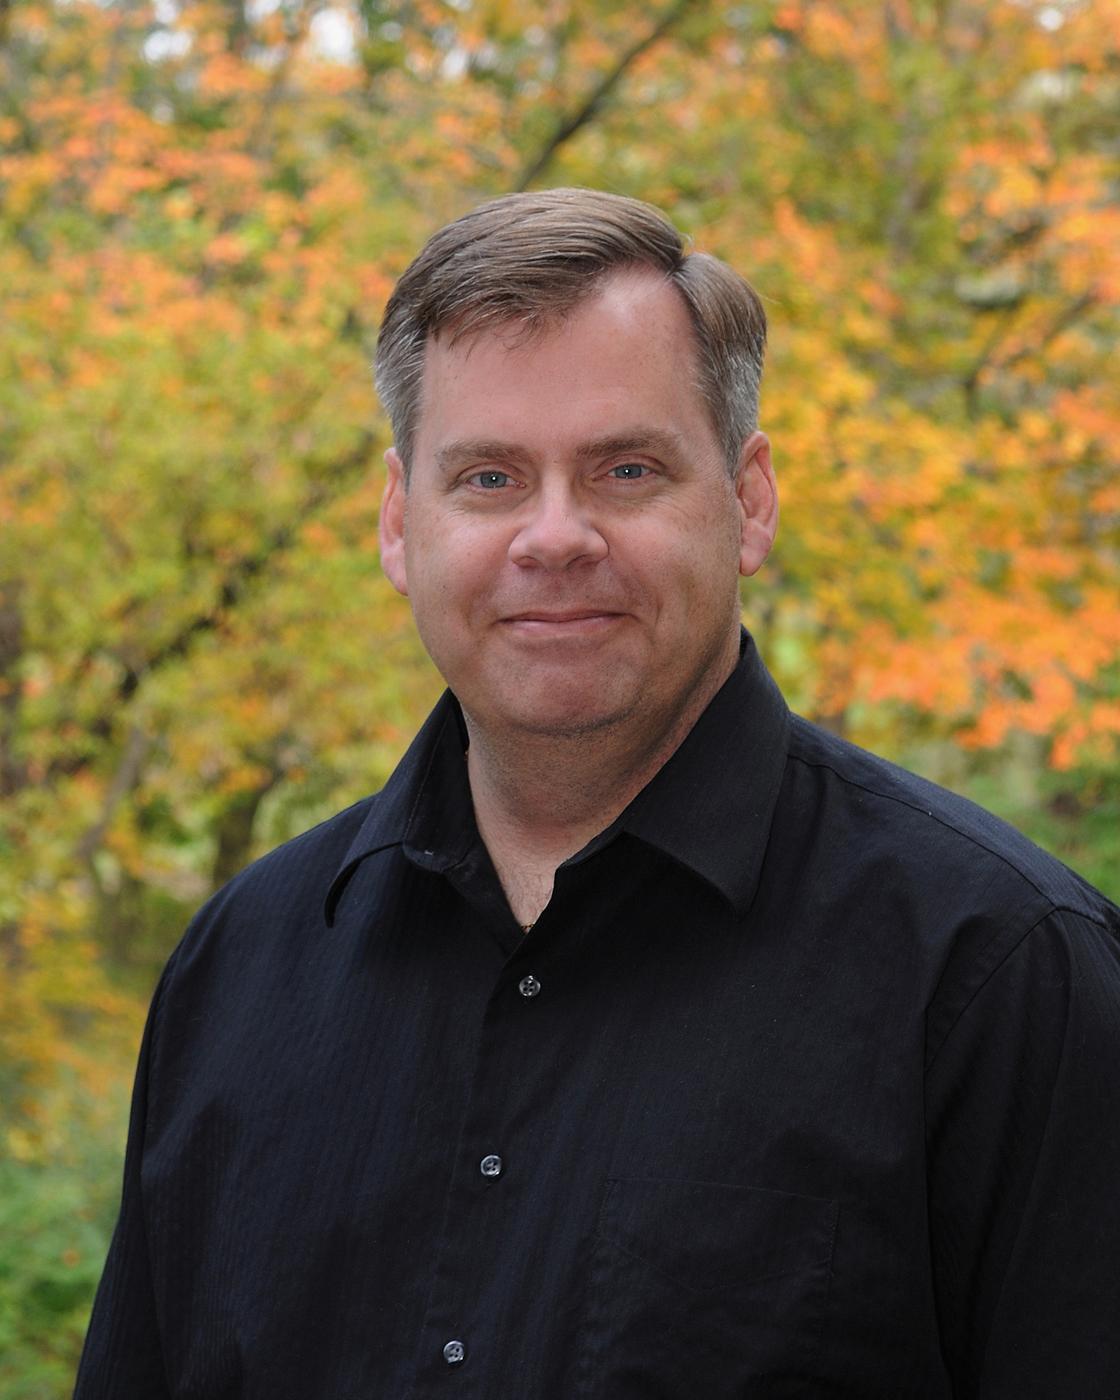 Sean P. O'Brien